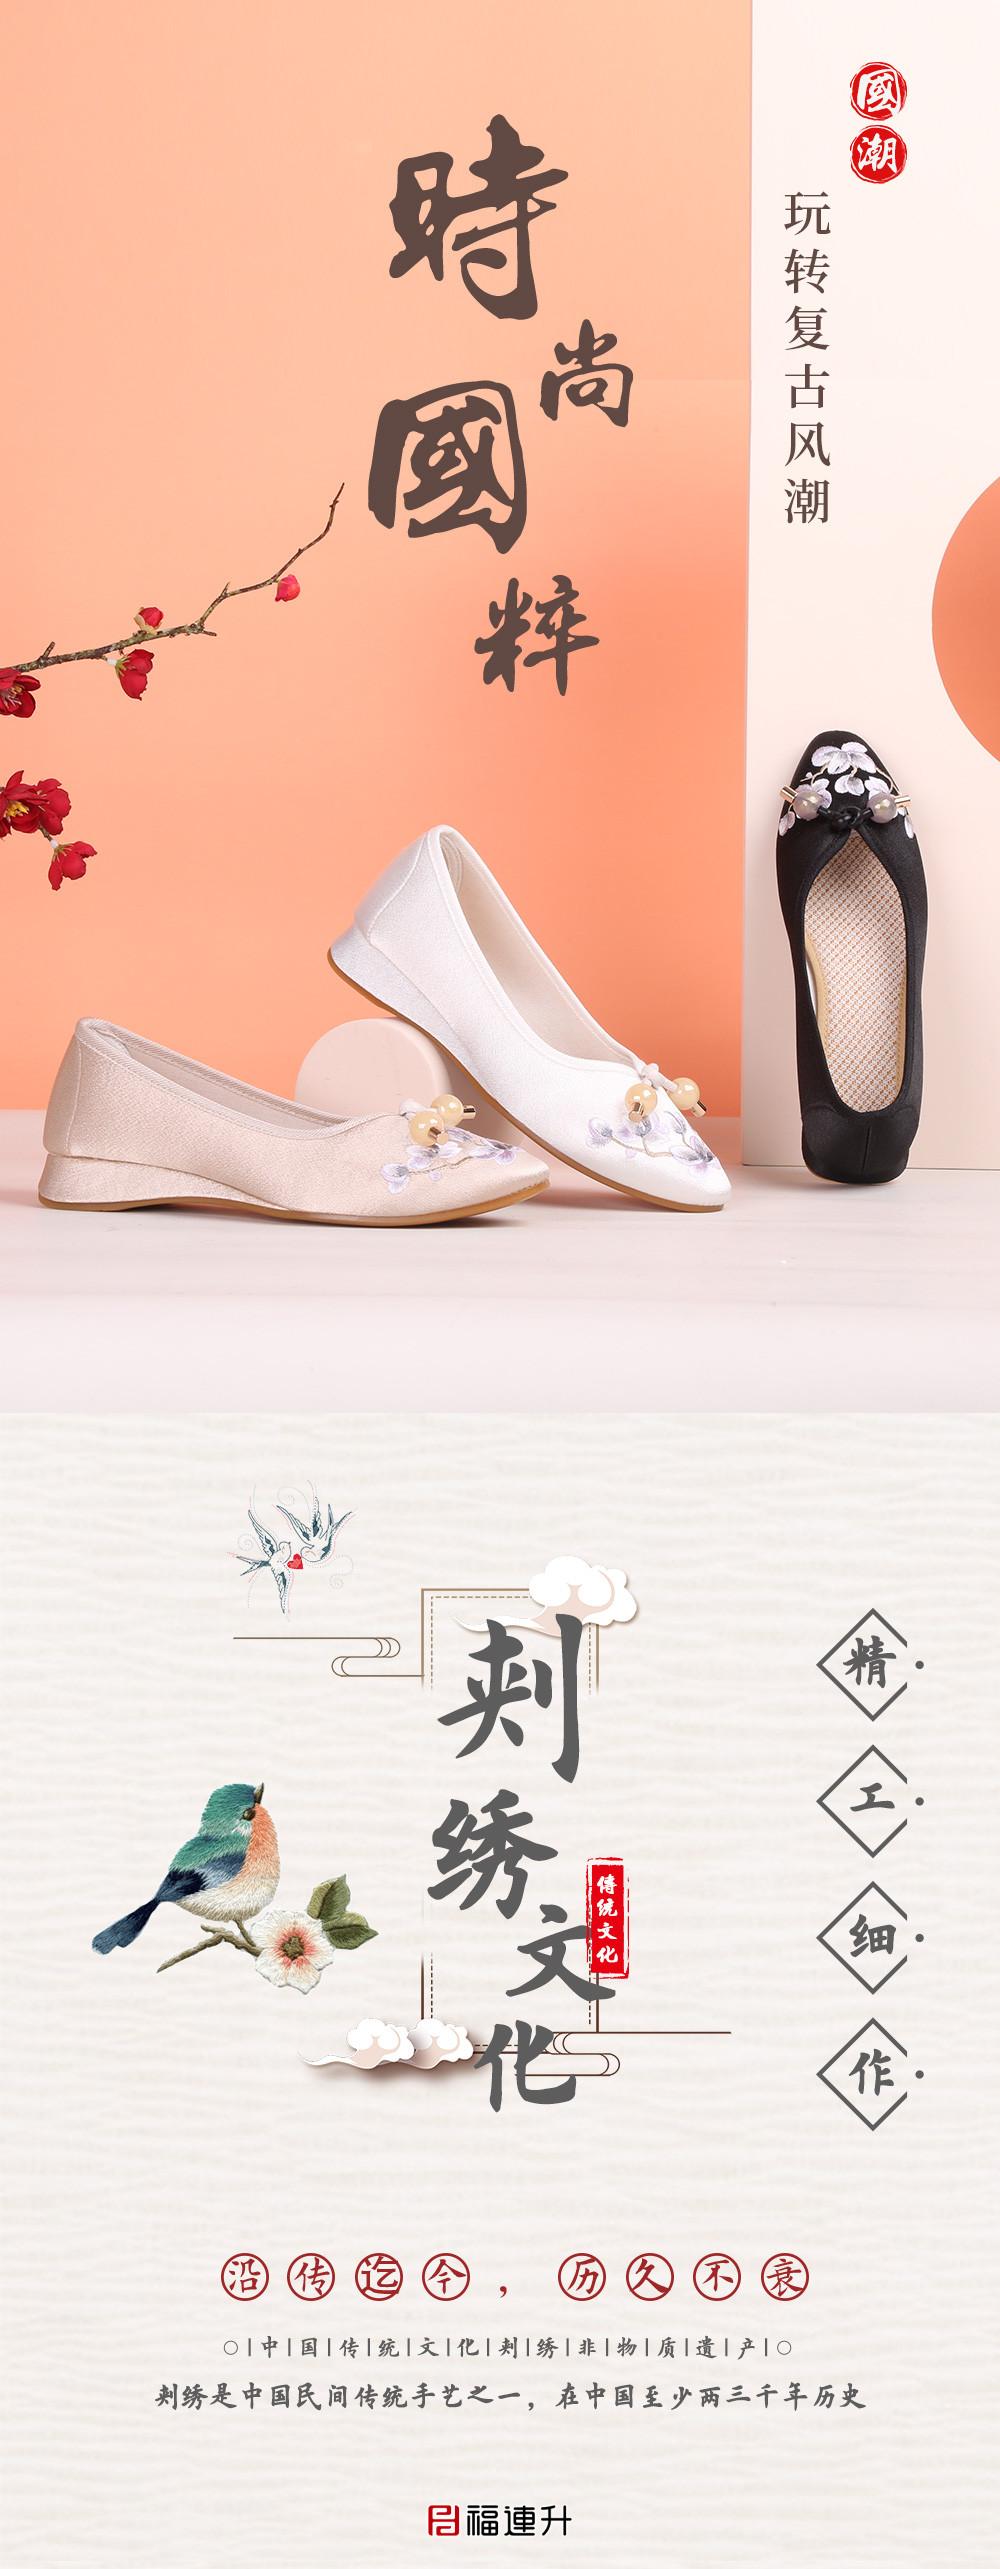 福连升老北京布鞋民族风绣花女鞋棉麻古典坡跟休闲图片